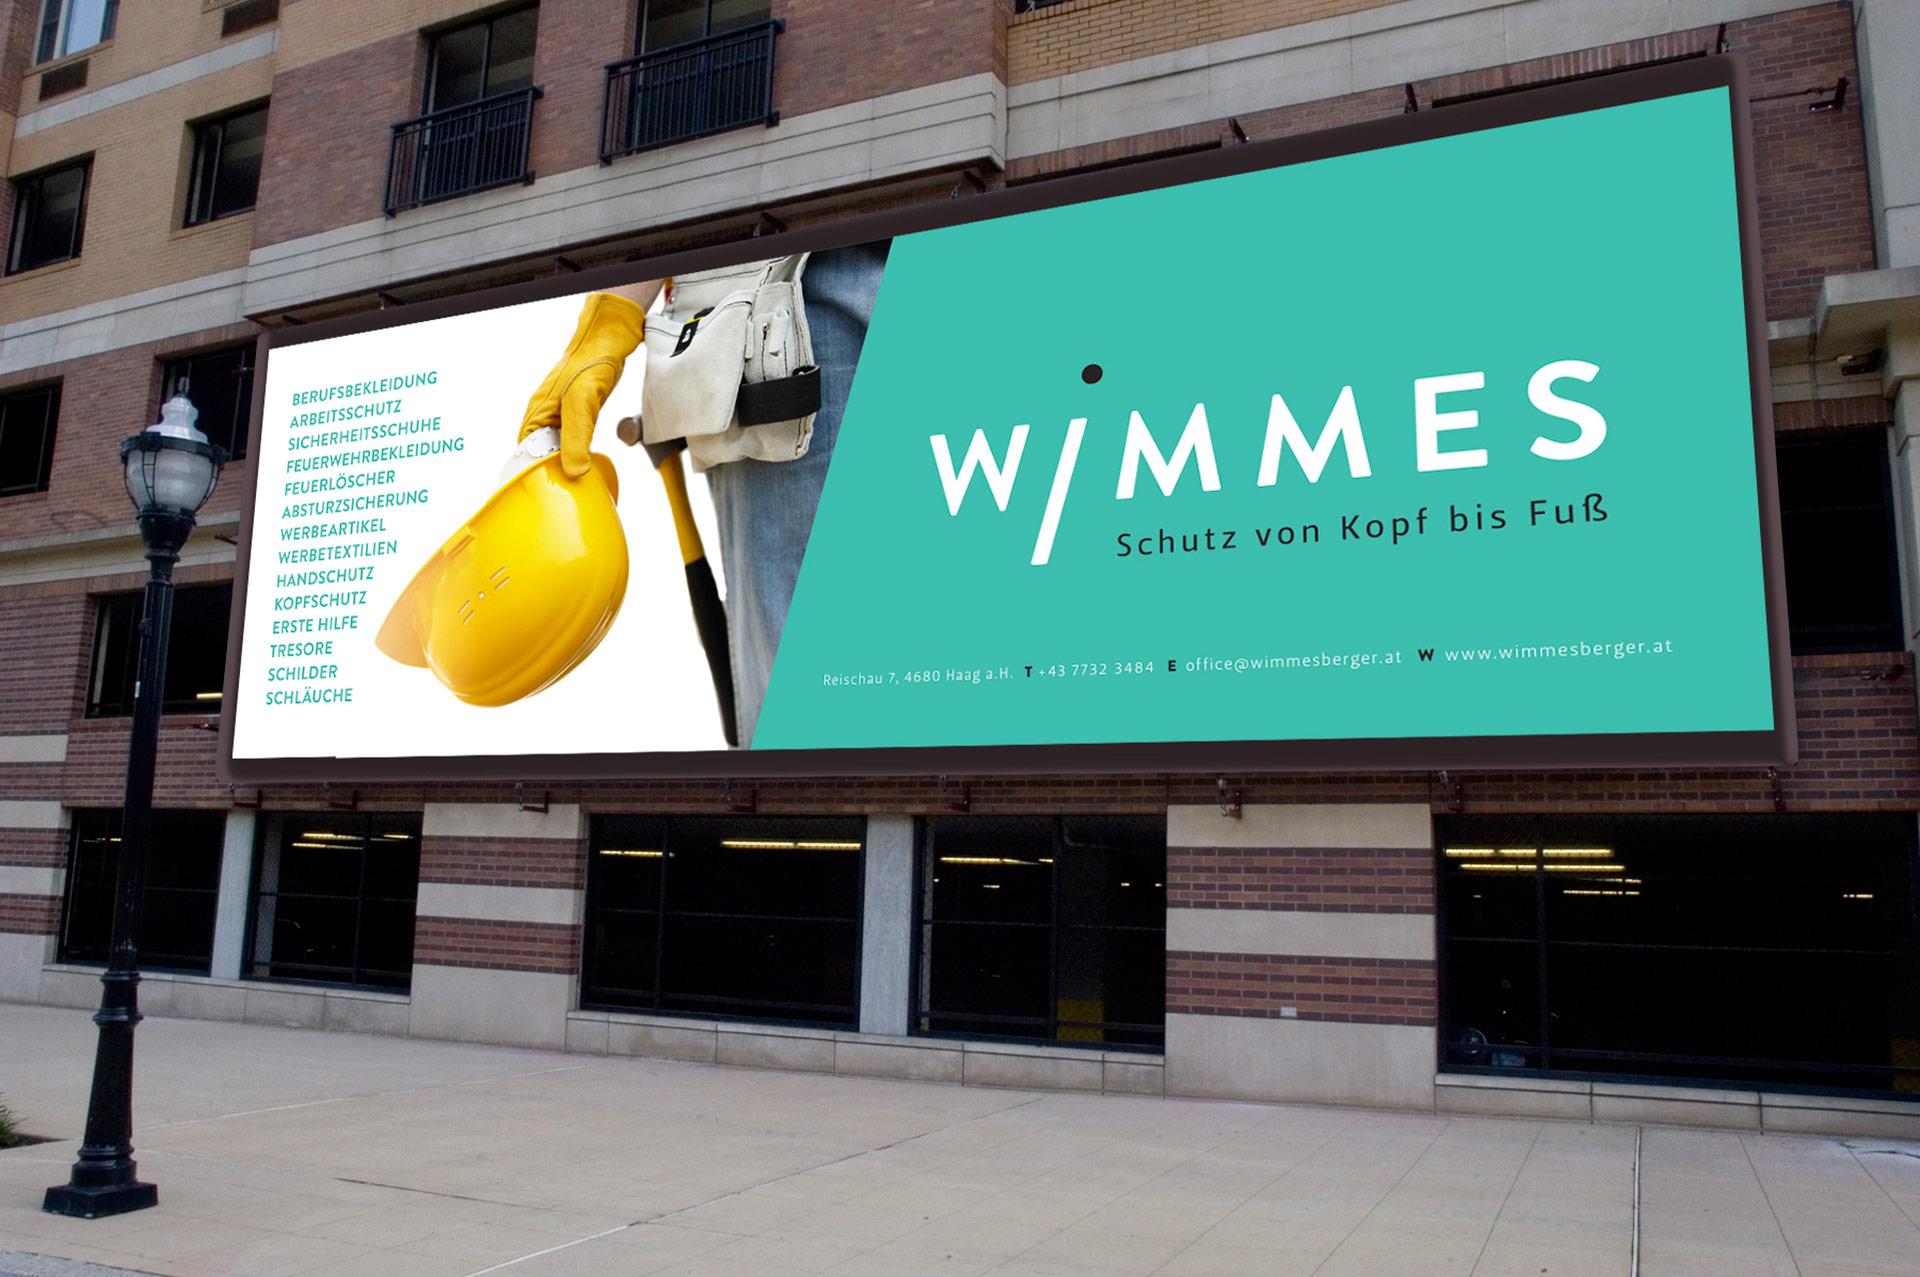 wimmes_billboard.jpg